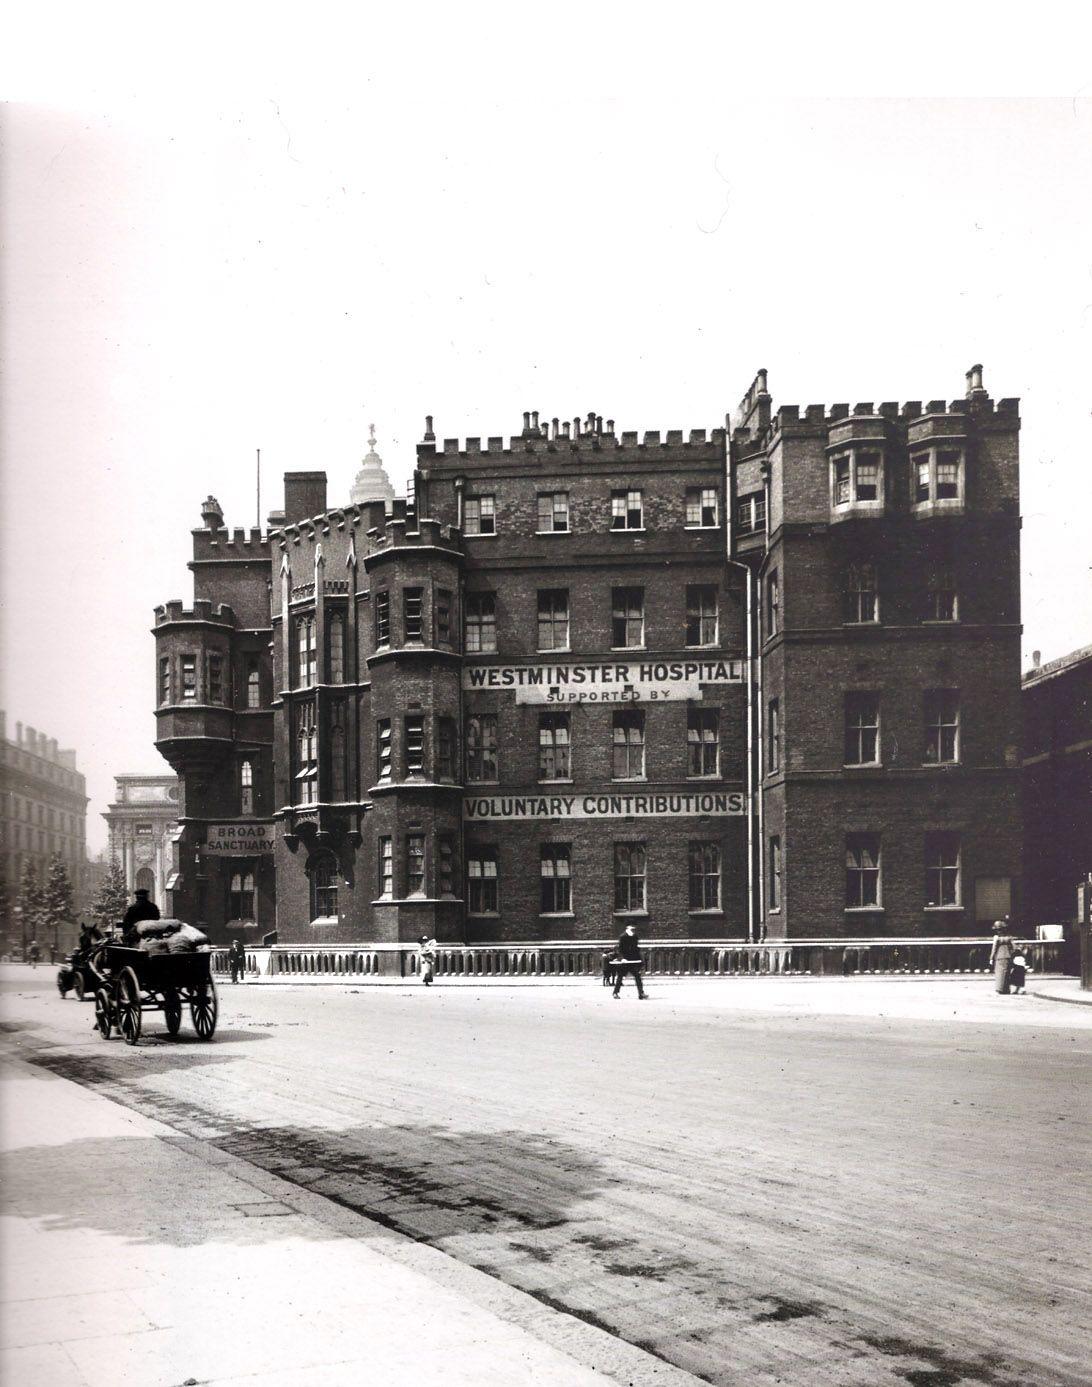 Westminster Hospital 1910 London pictures, Vintage